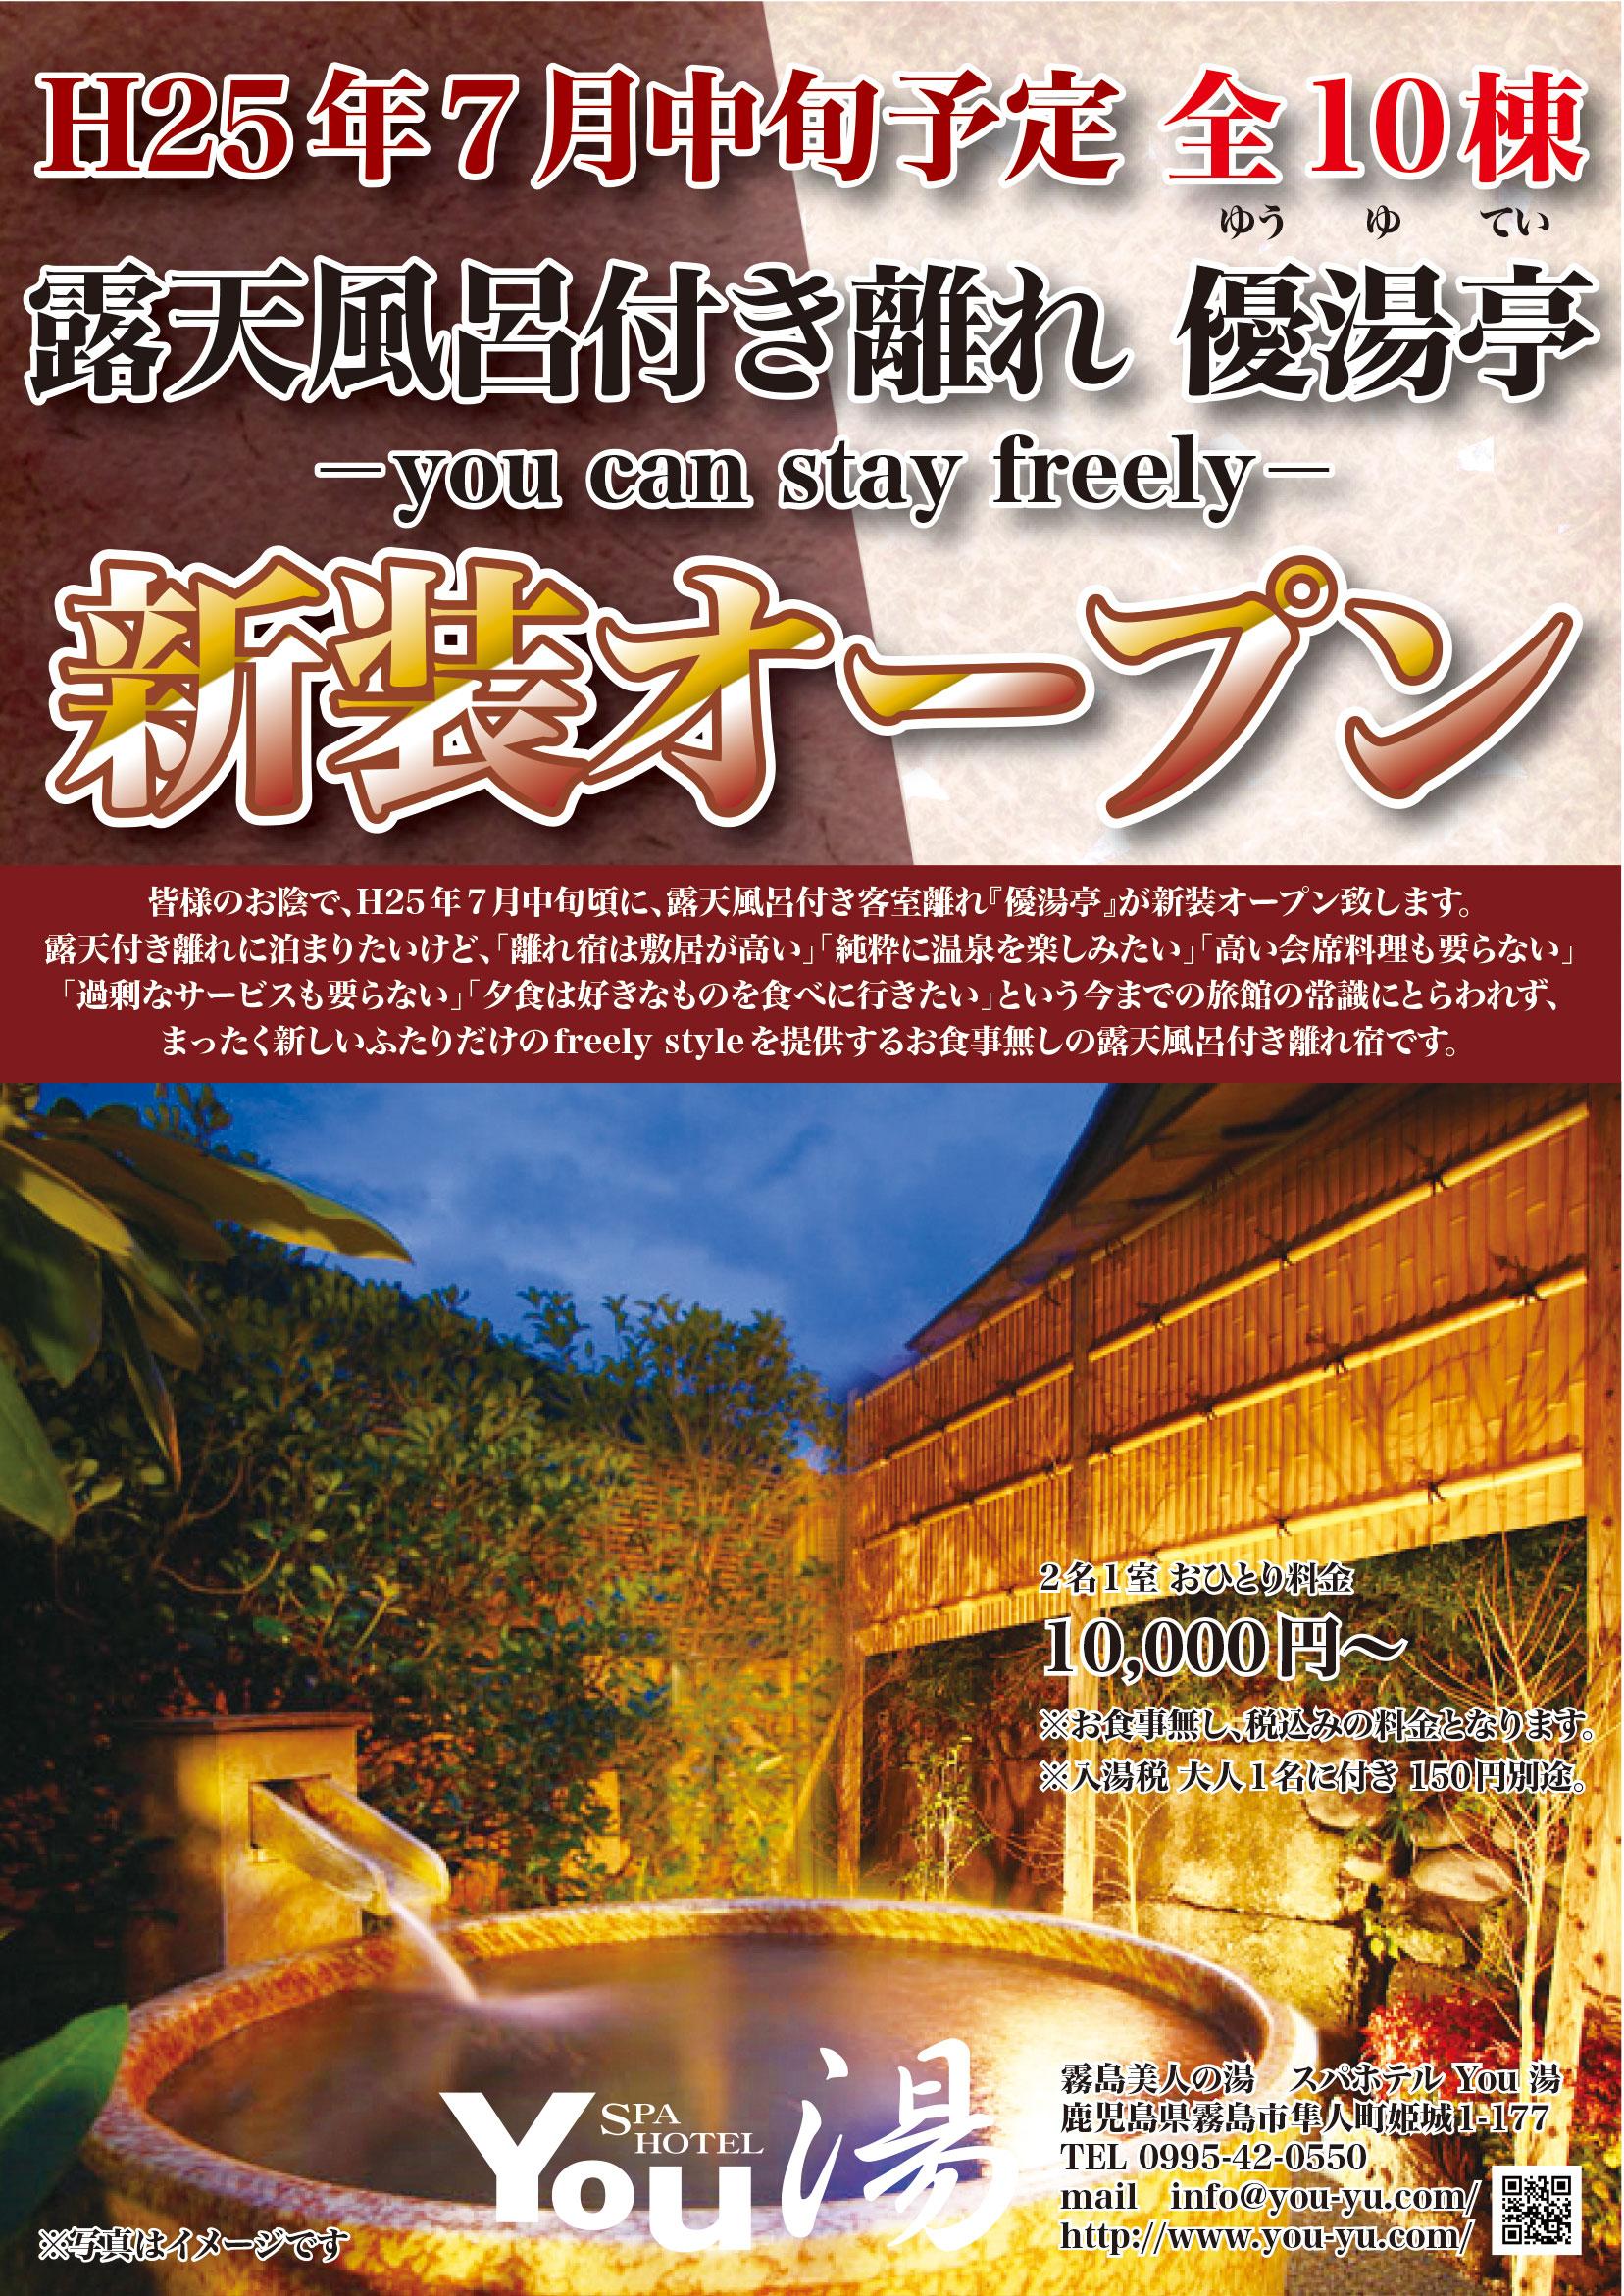 露天風呂付き客室離れ宿『優湯亭』が新装オープン致します。